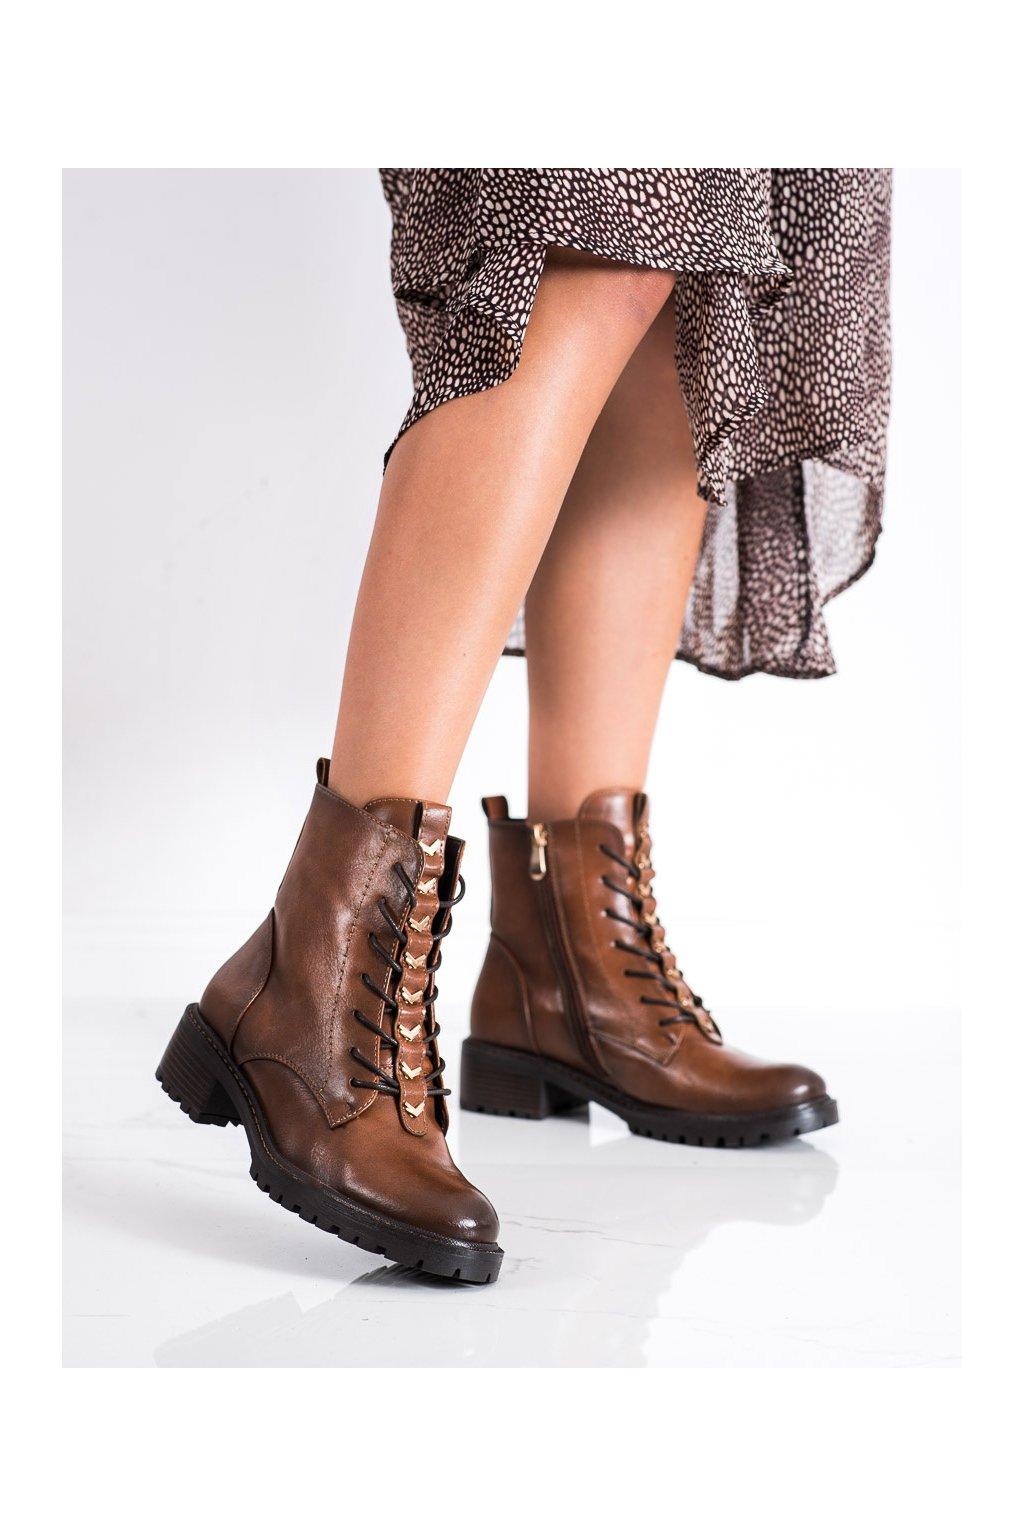 Hnedé dámske topánky Vinceza kod XY22-10662C